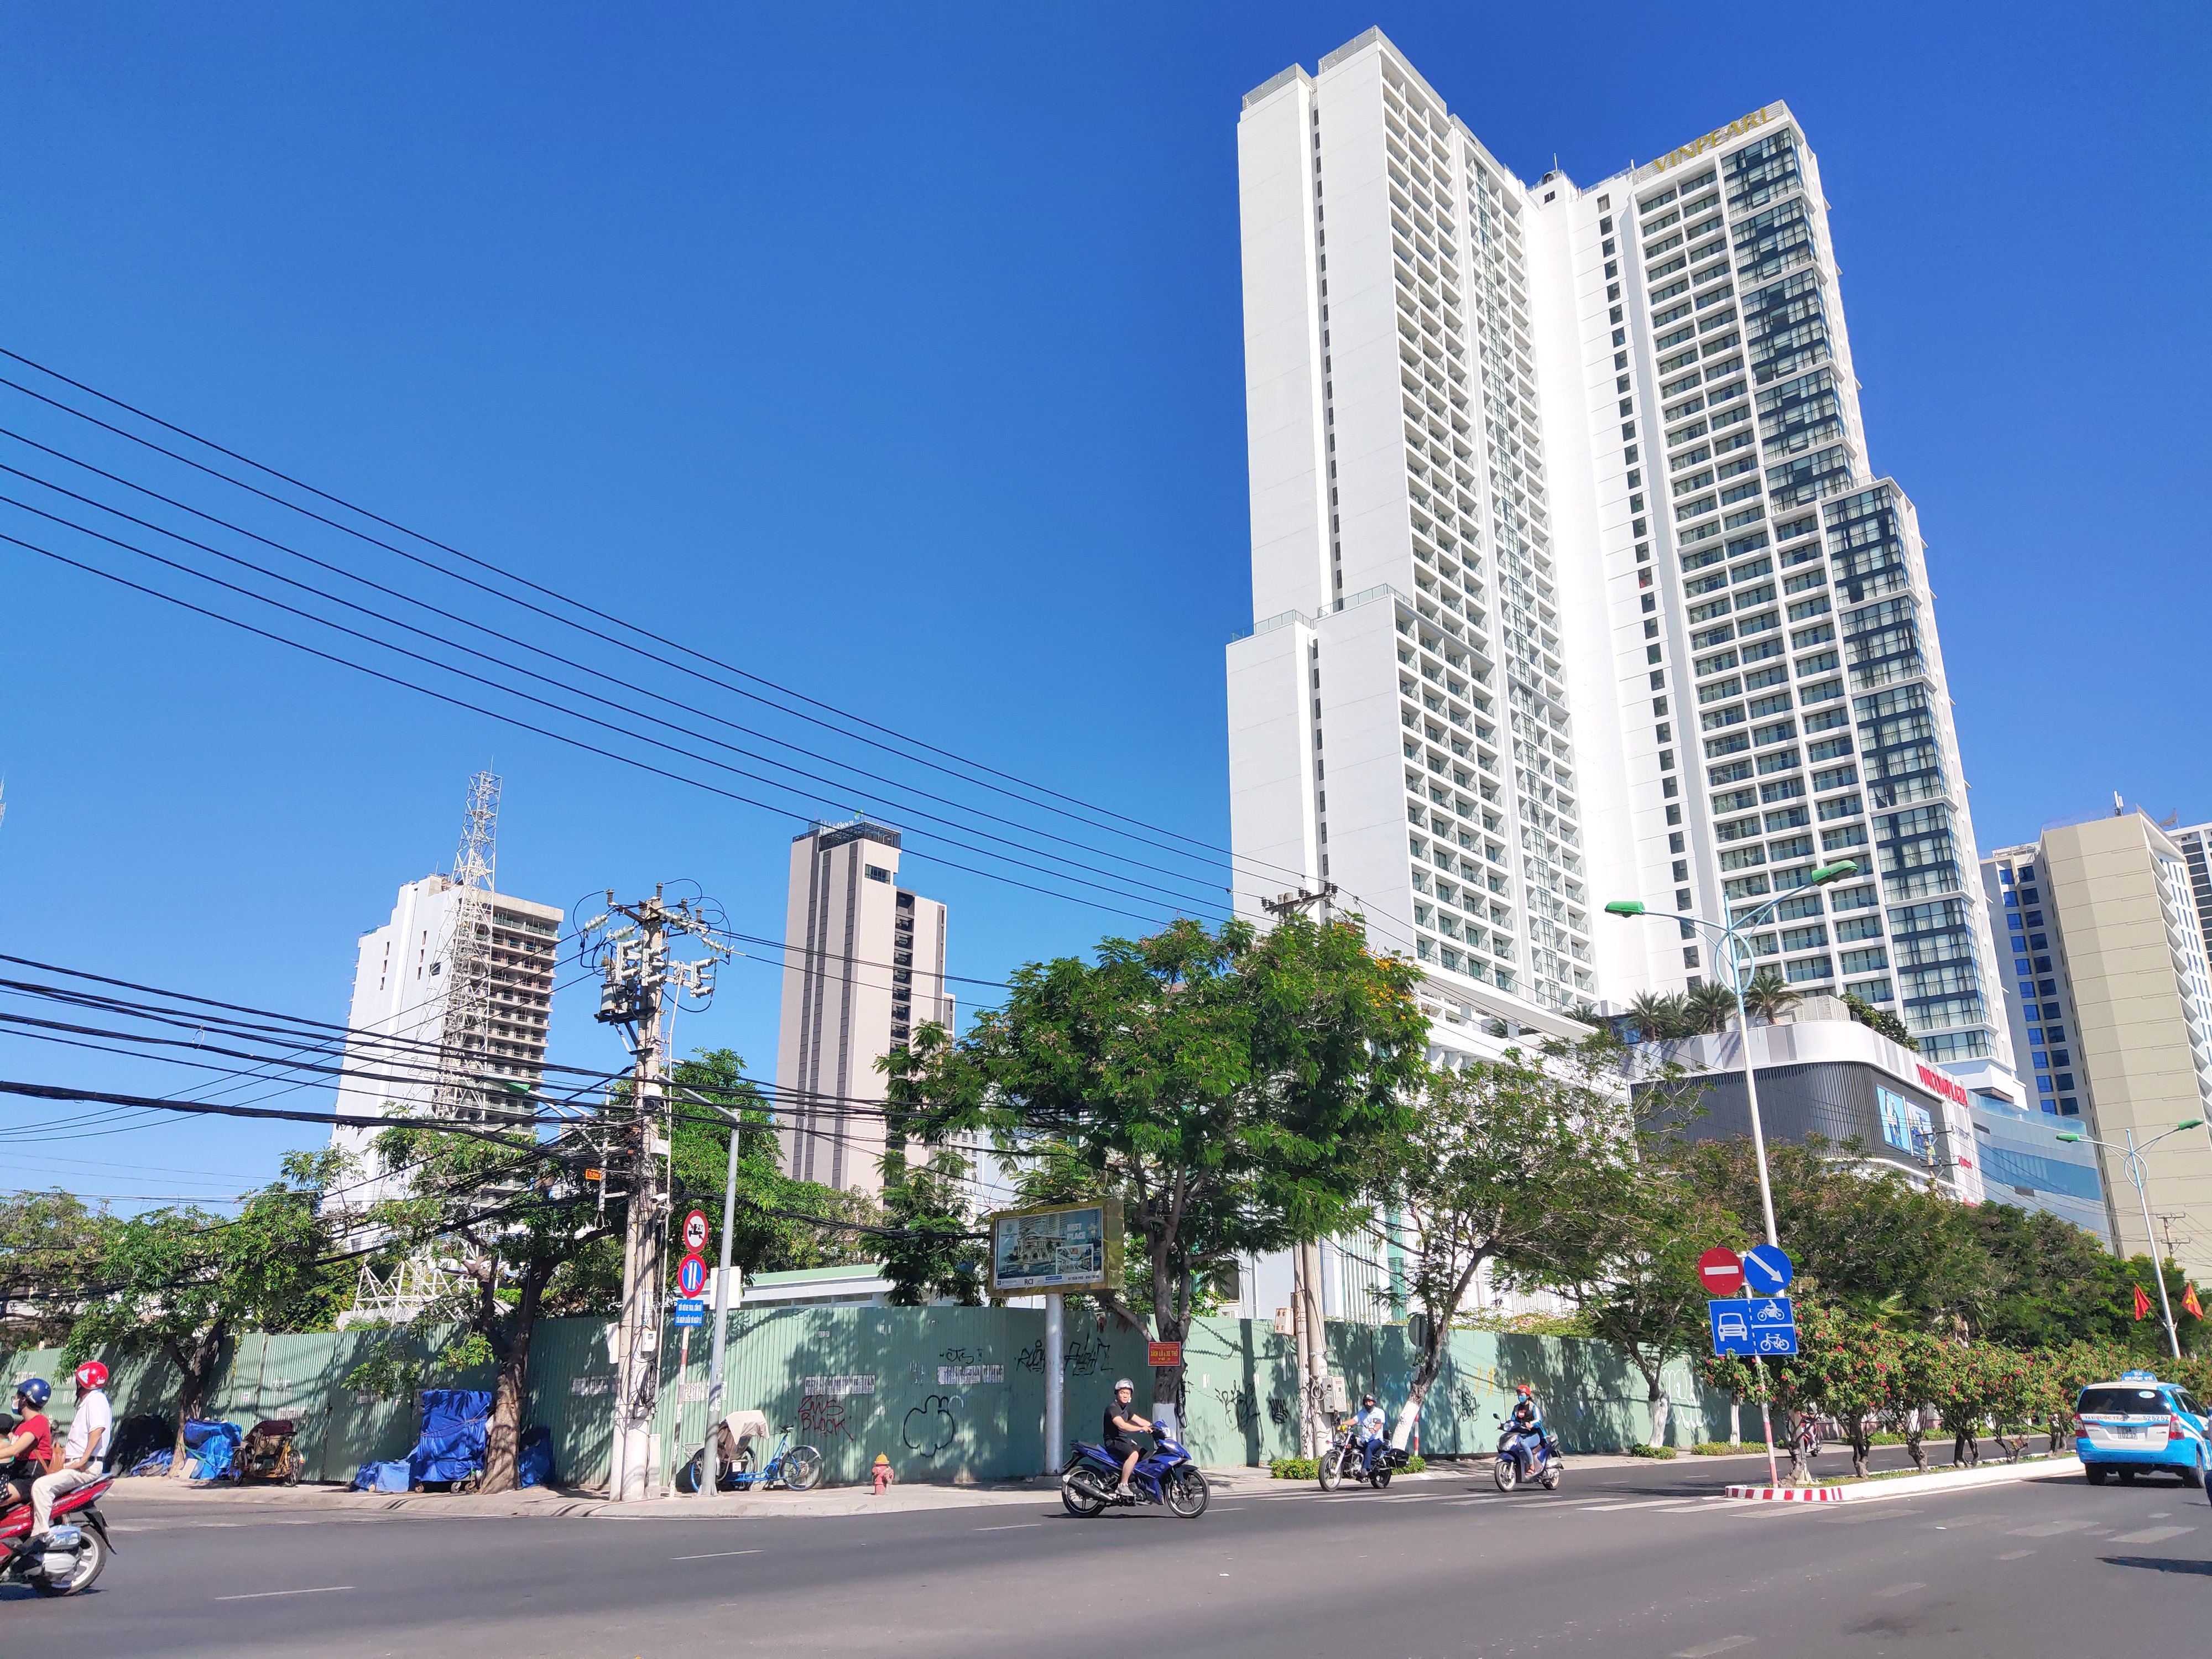 Nha Trang: Hàng loạt dự án khách sạn, cao ốc 'bất động' chờ qui hoạch mới - Ảnh 2.